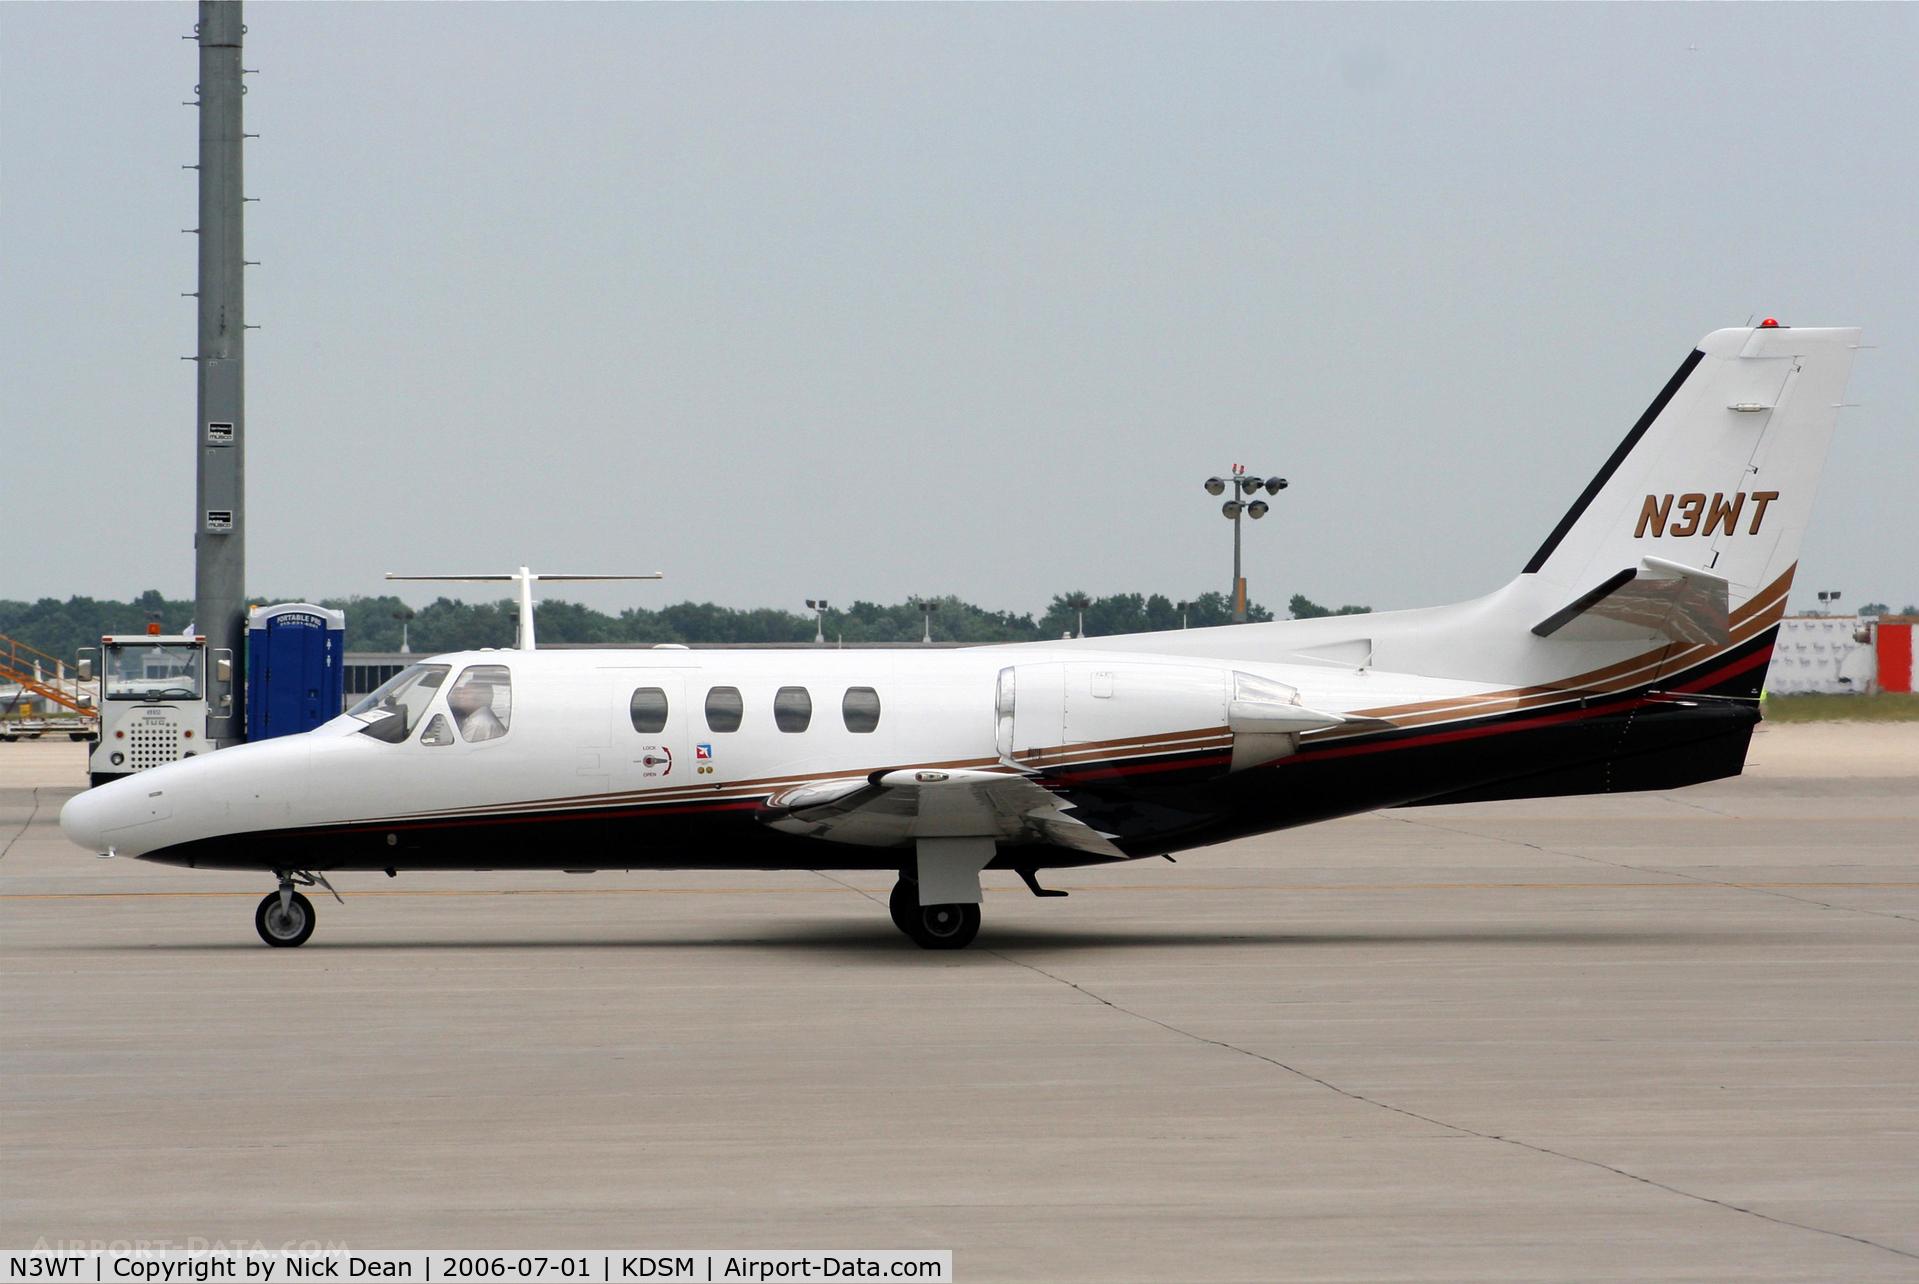 N3WT, 1979 Cessna 501 Citation I/SP C/N 5010088, KDSM